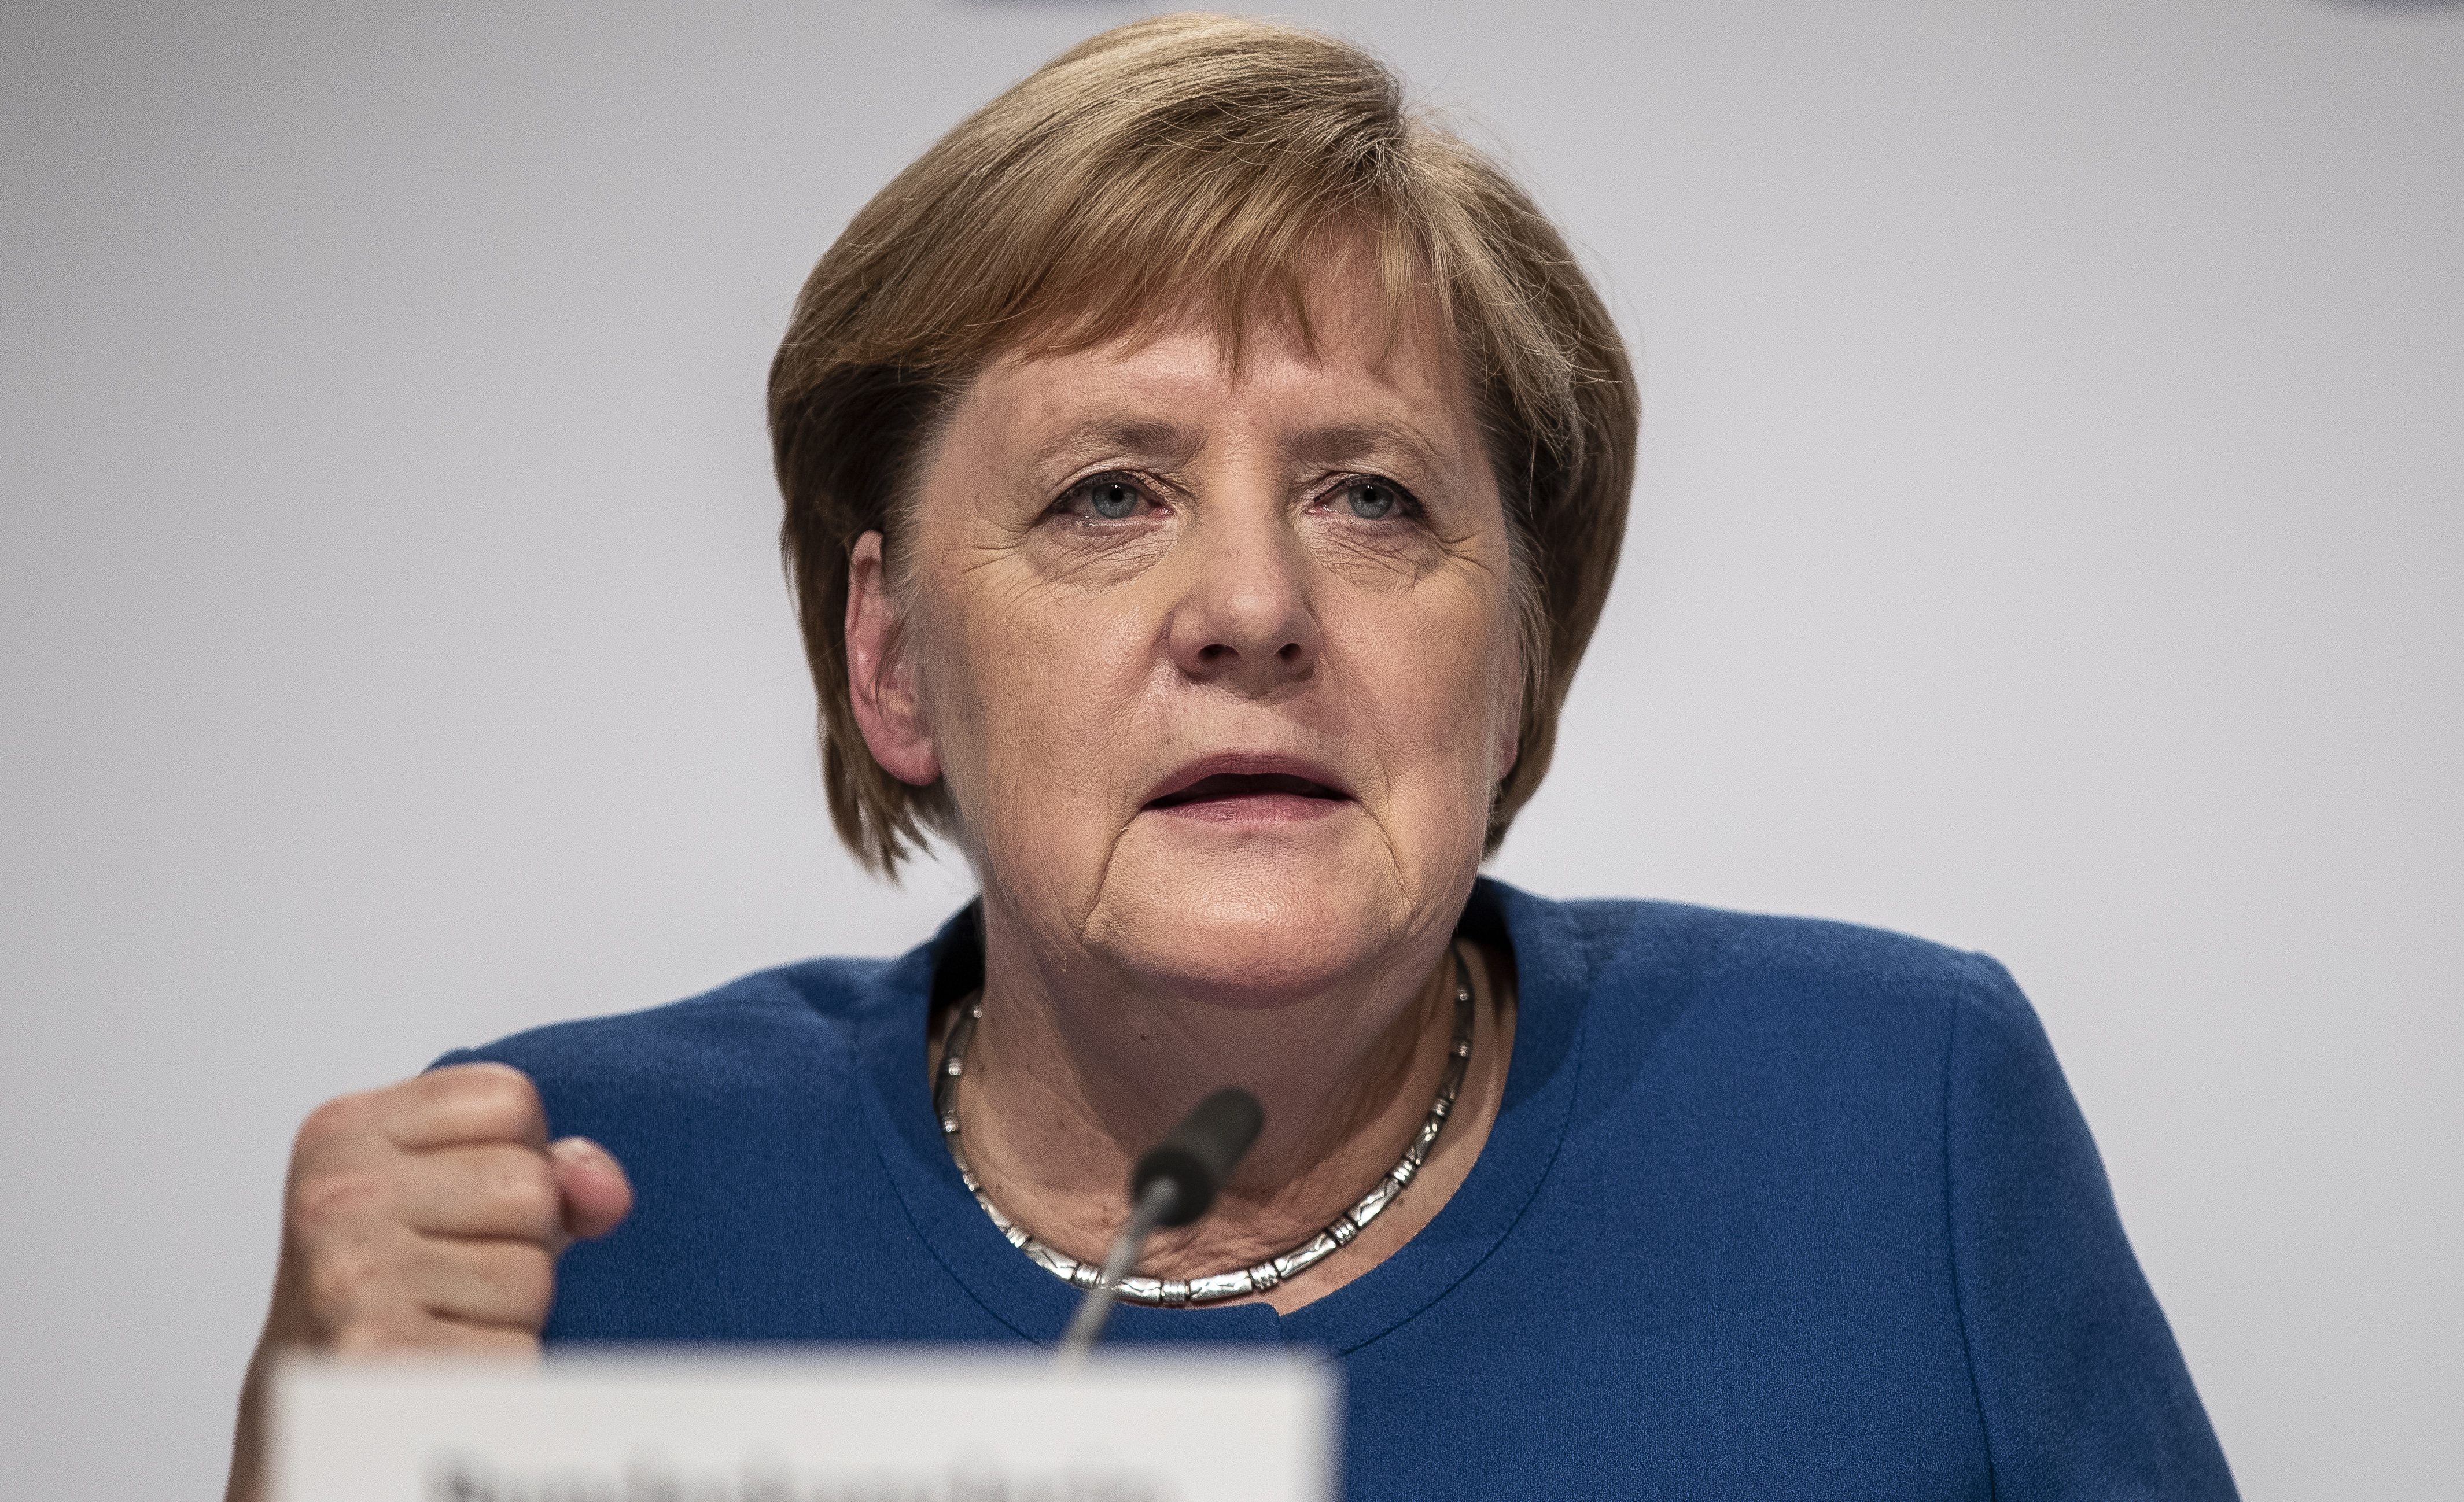 """Merkel: Kemmerichs Wahl ist """"unverzeihlich"""" und """"muss rückgängig gemacht werden"""""""